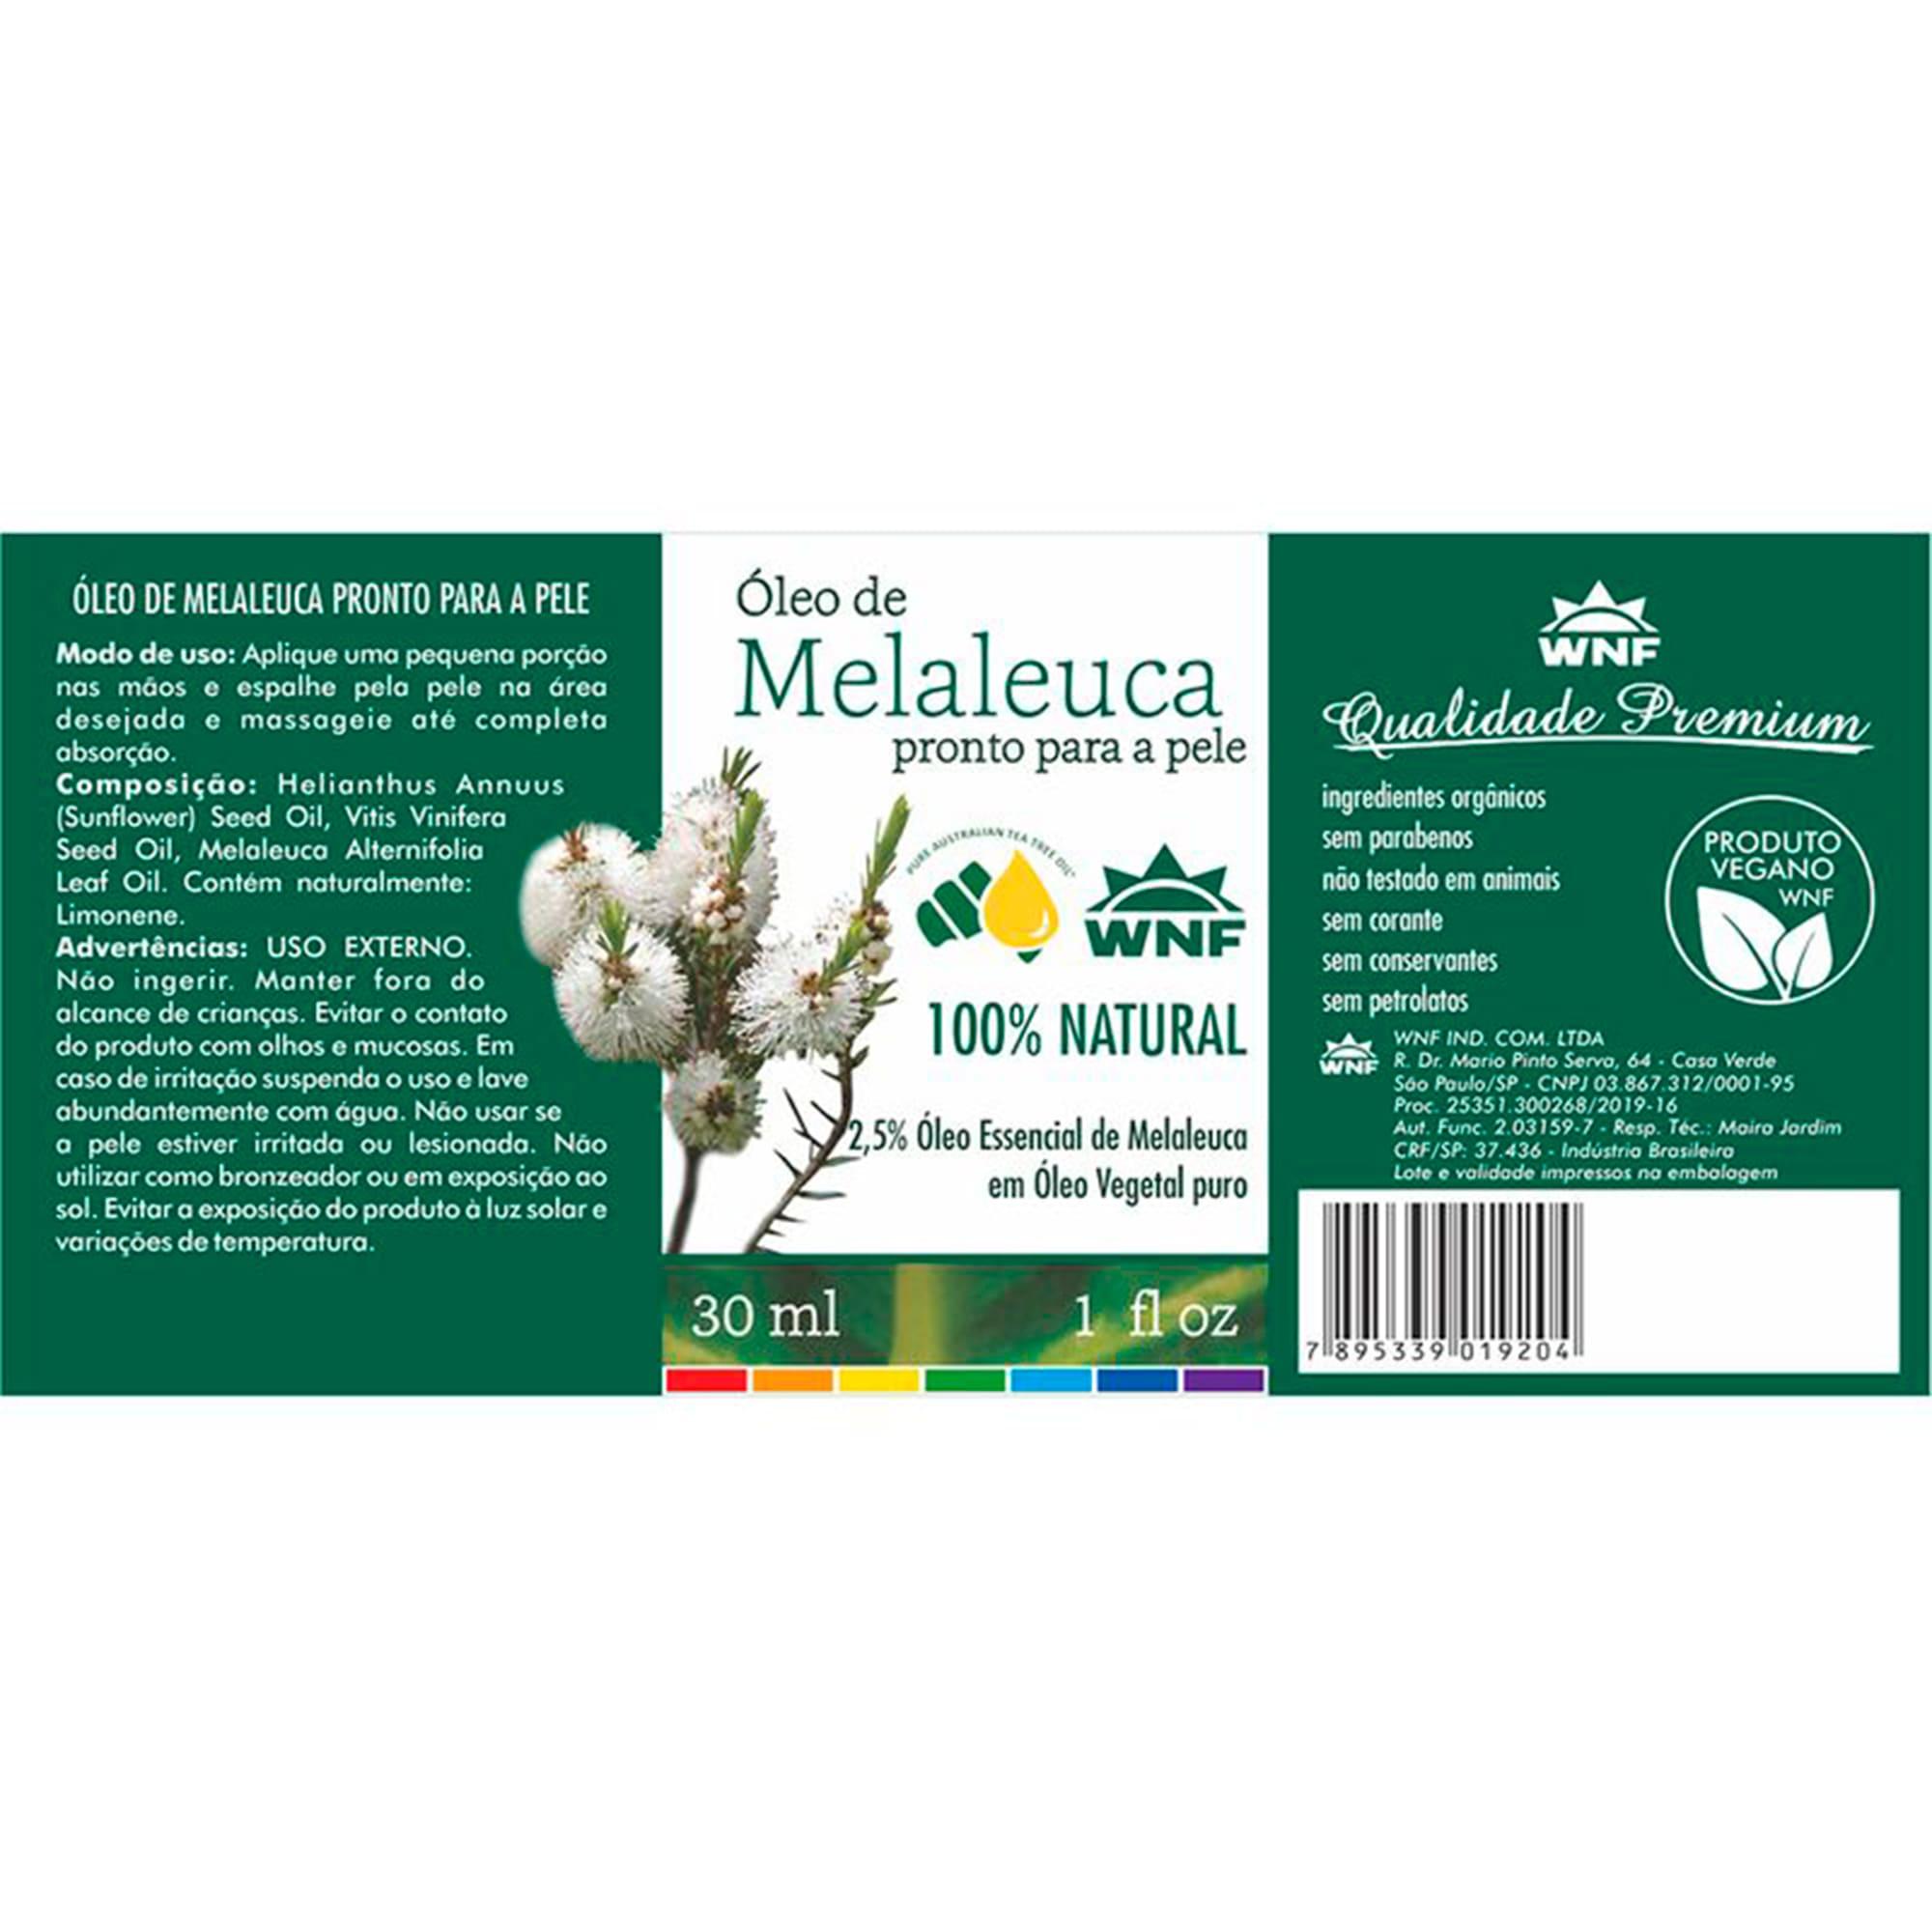 Óleo de Melaleuca 30ml - Pronto para a pele - WNF